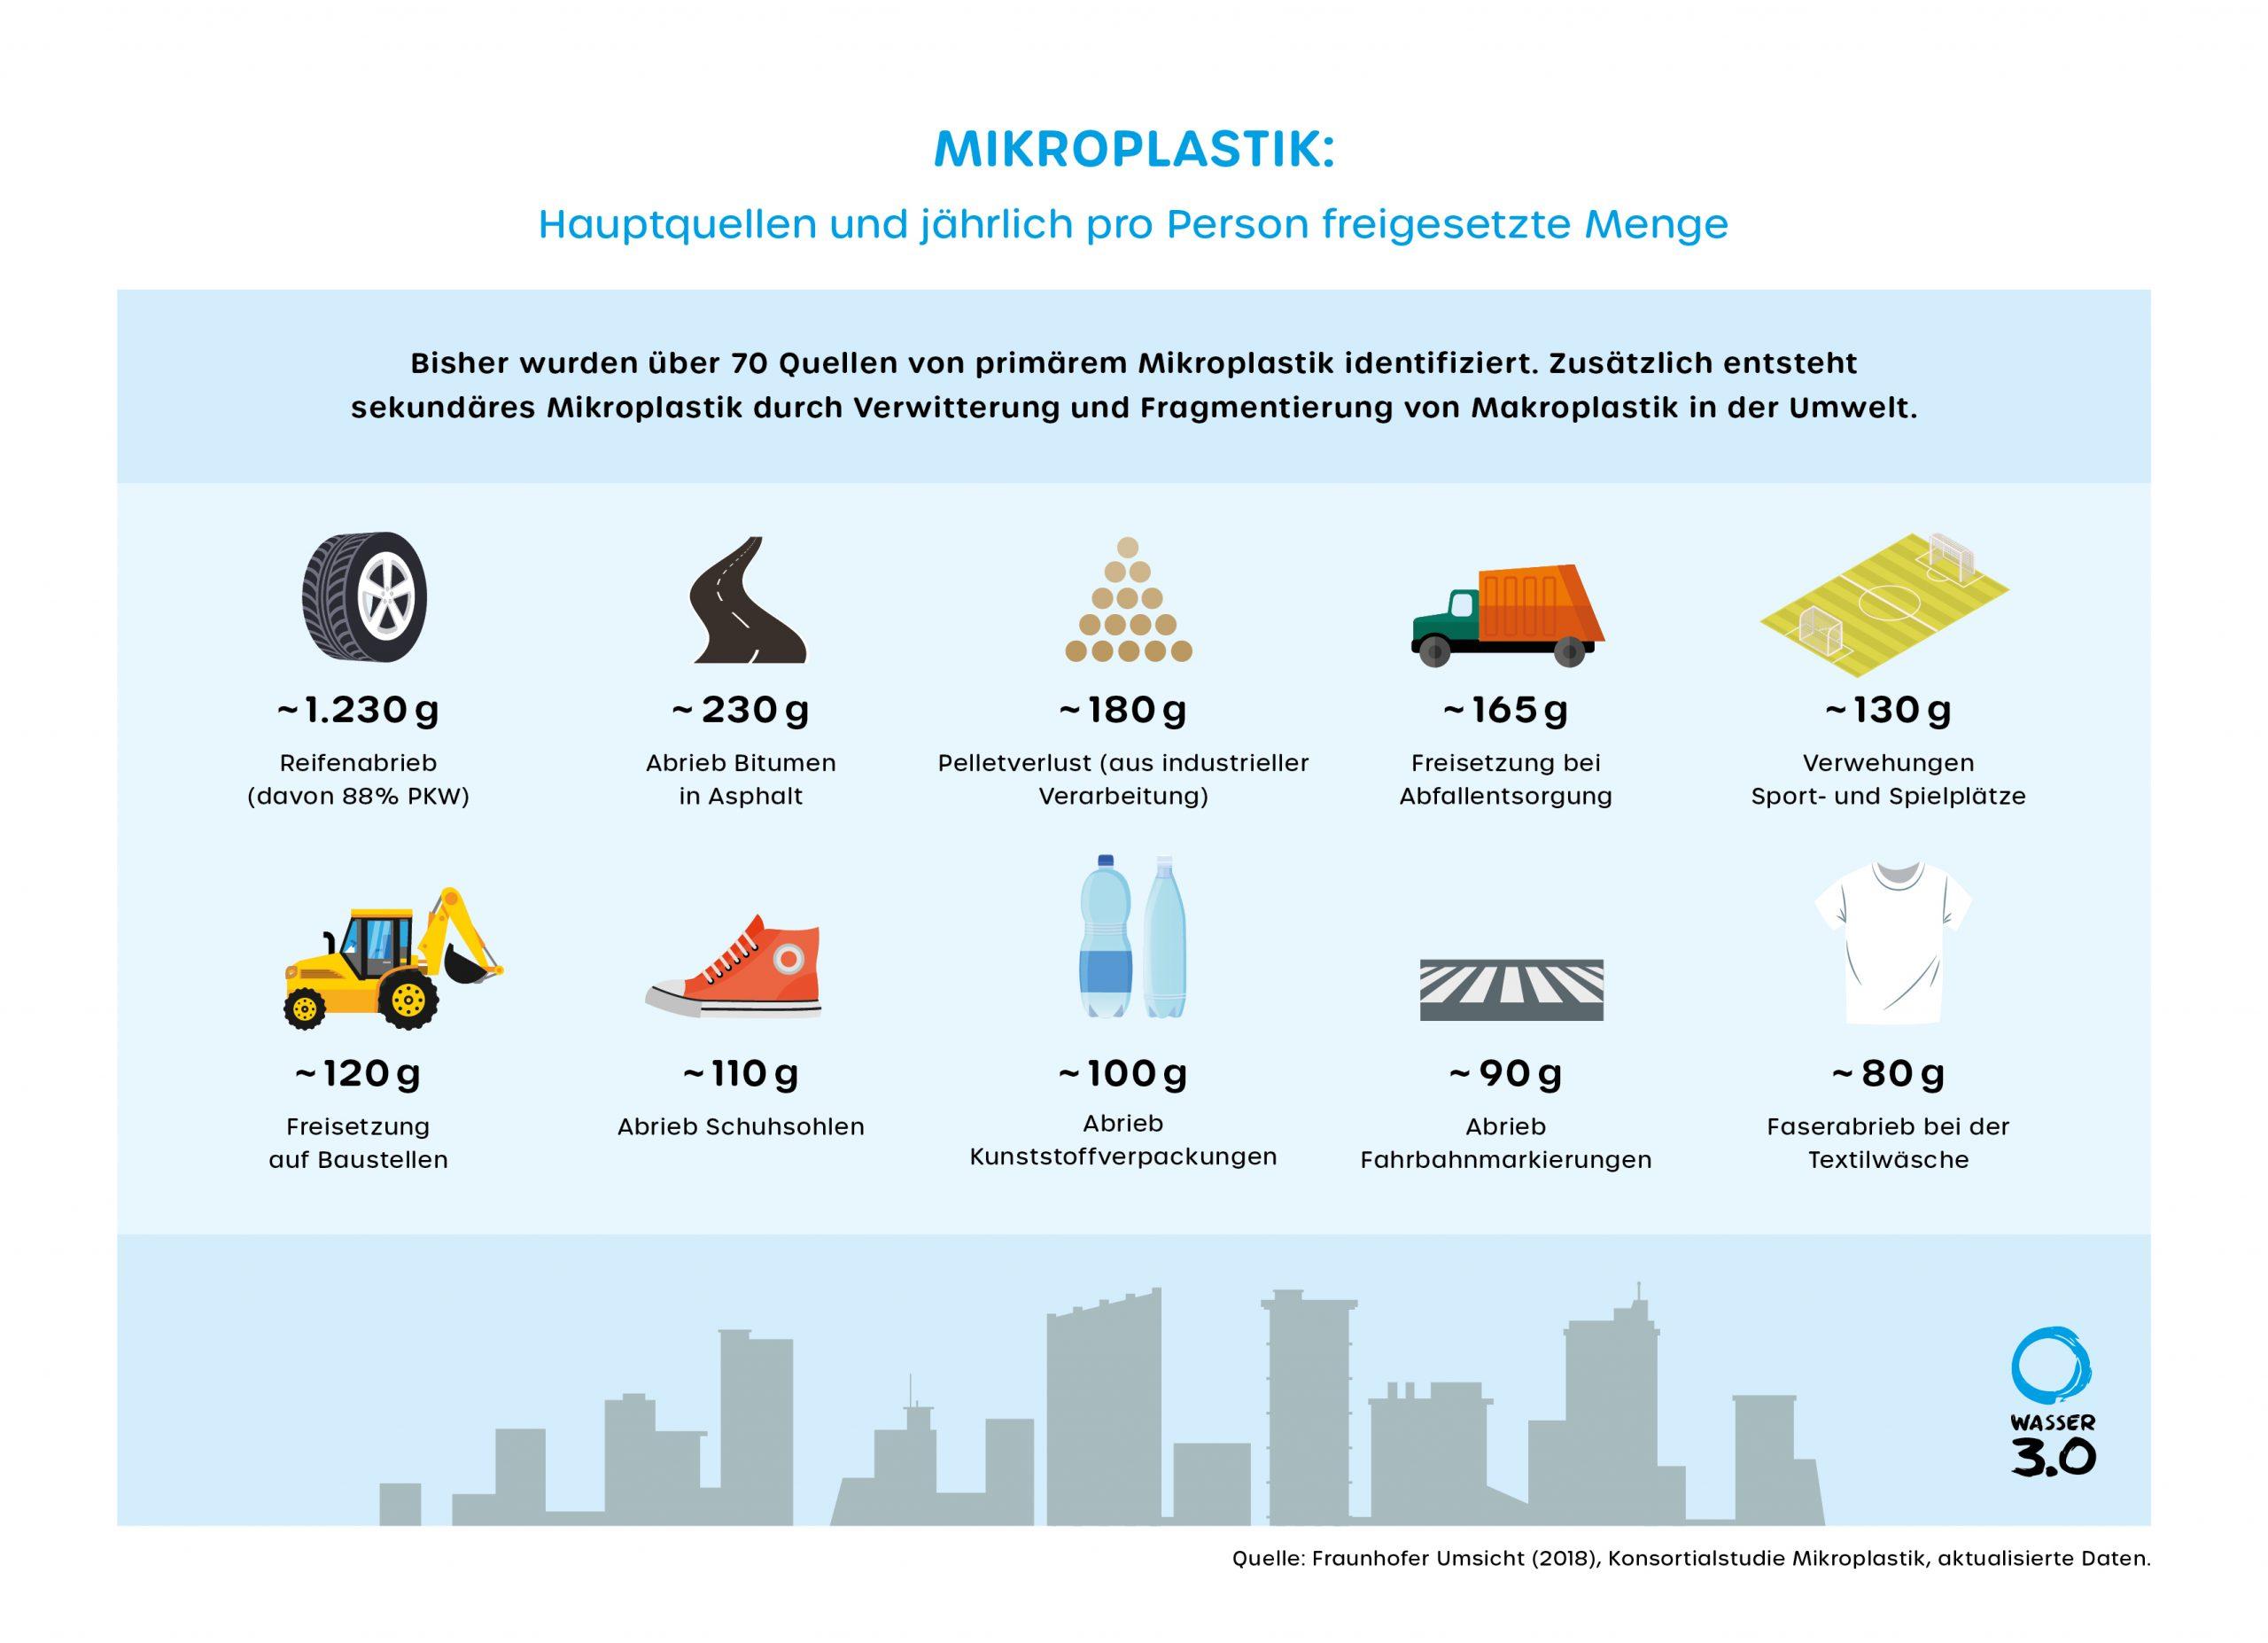 Mikroplastik: Hauptquellen und pro Person freigesetzte Mengen